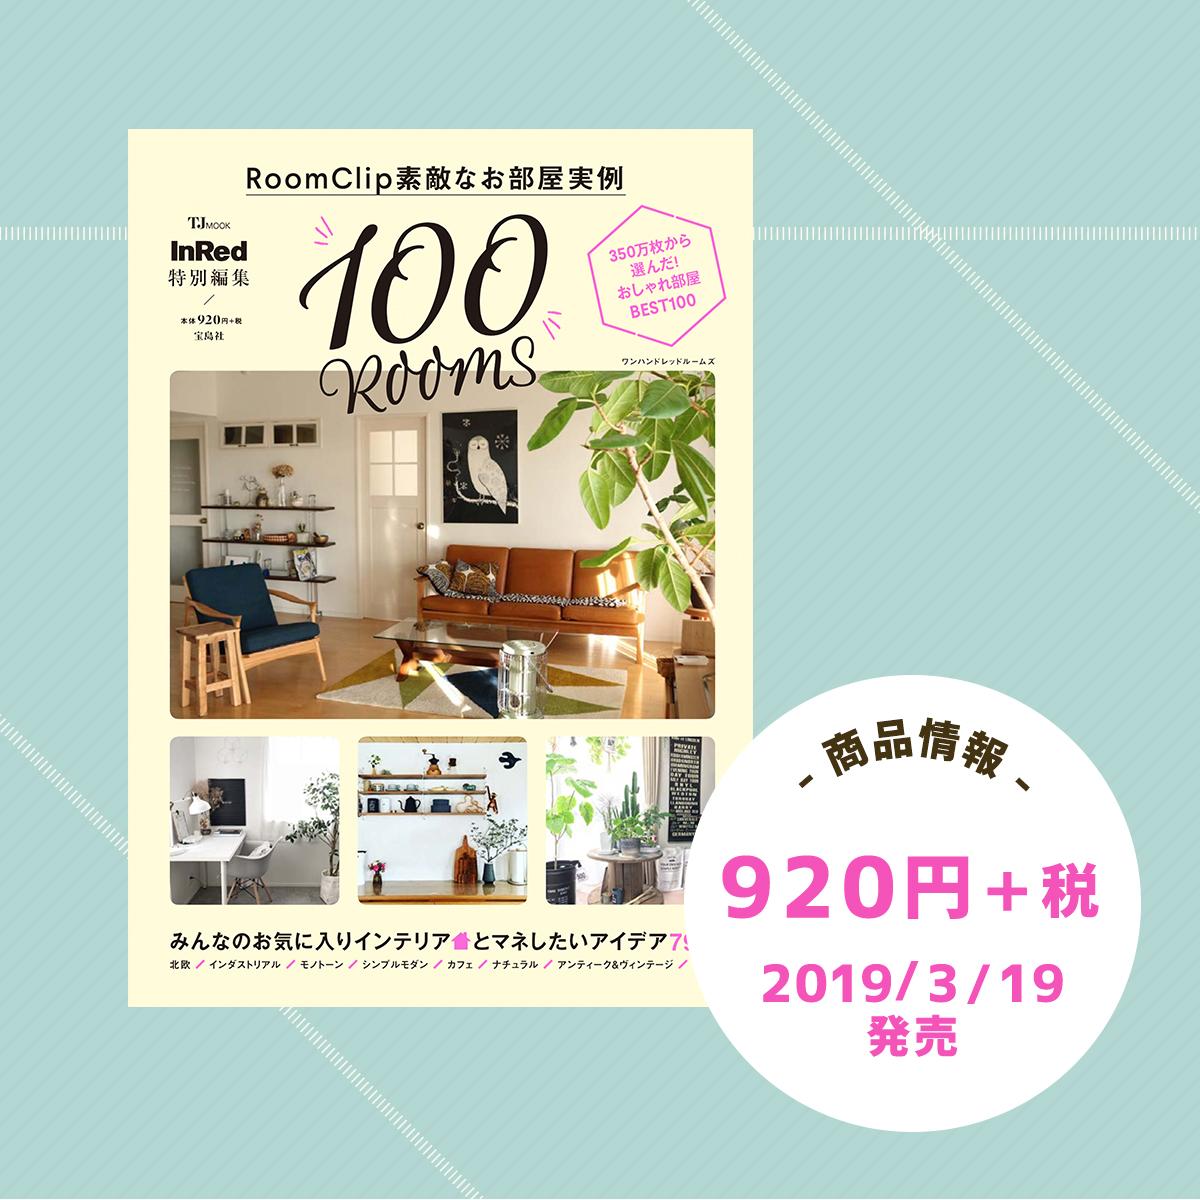 ムック本「InRed特別編集 RoomClip素敵なお部屋実例100ROOMS」発売!